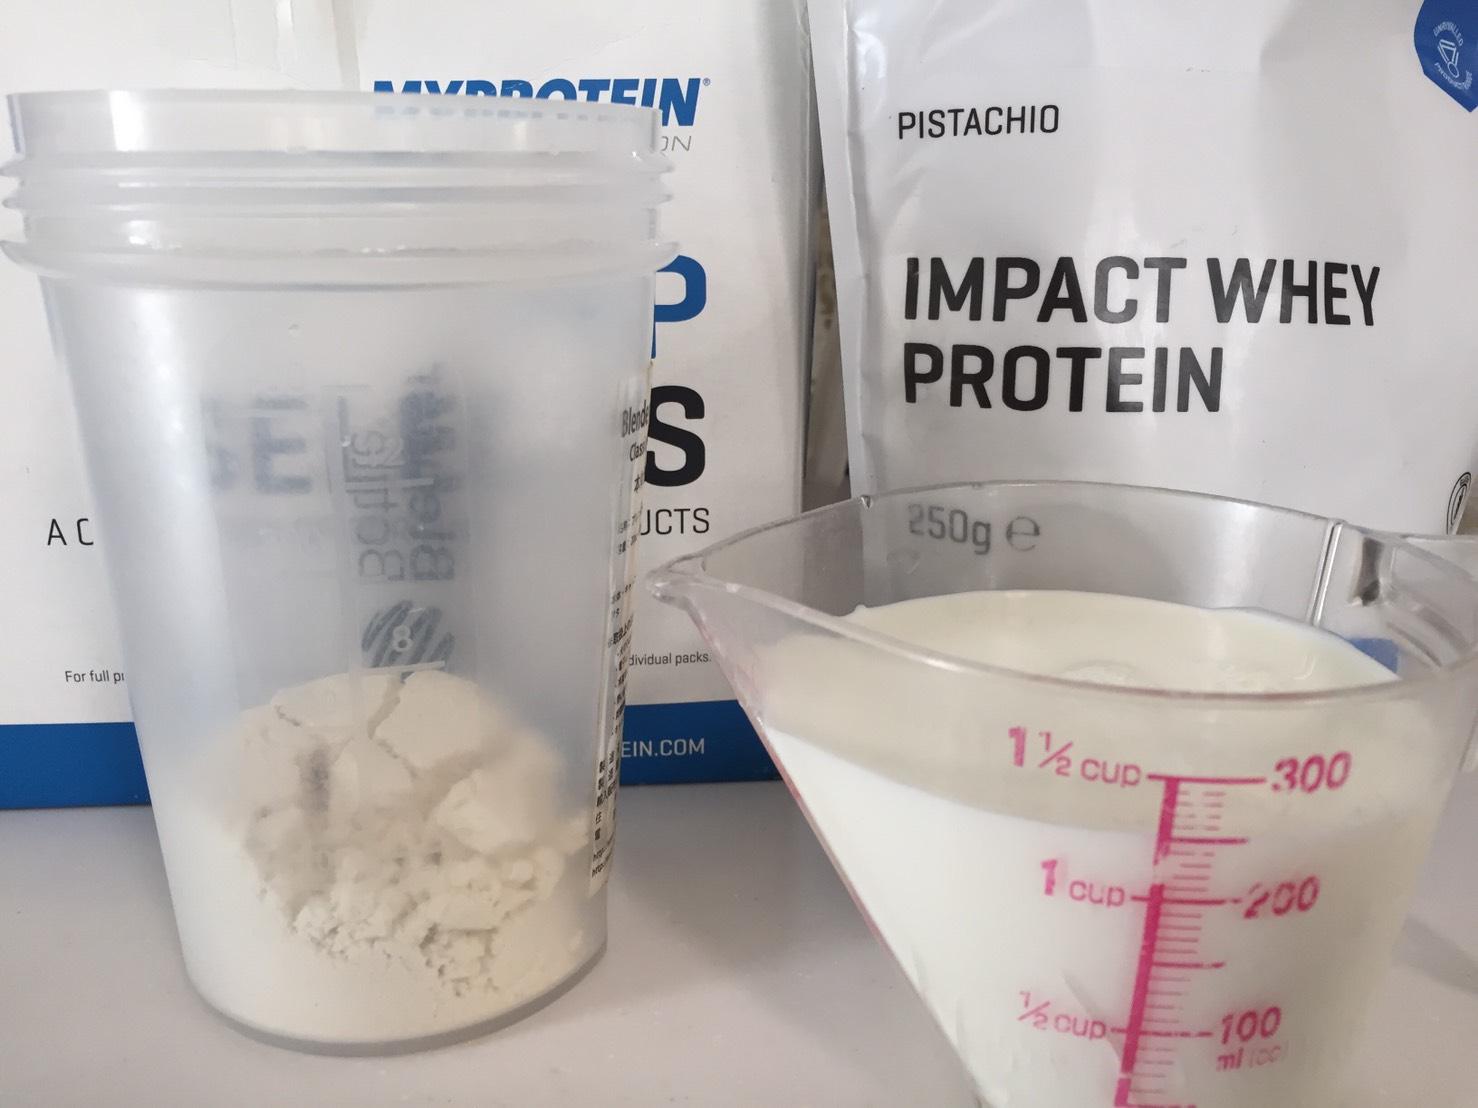 【WPC】Impactホエイプロテイン「PISTACHIO(ピスタチオ味)」を250mlの牛乳で溶かした場合